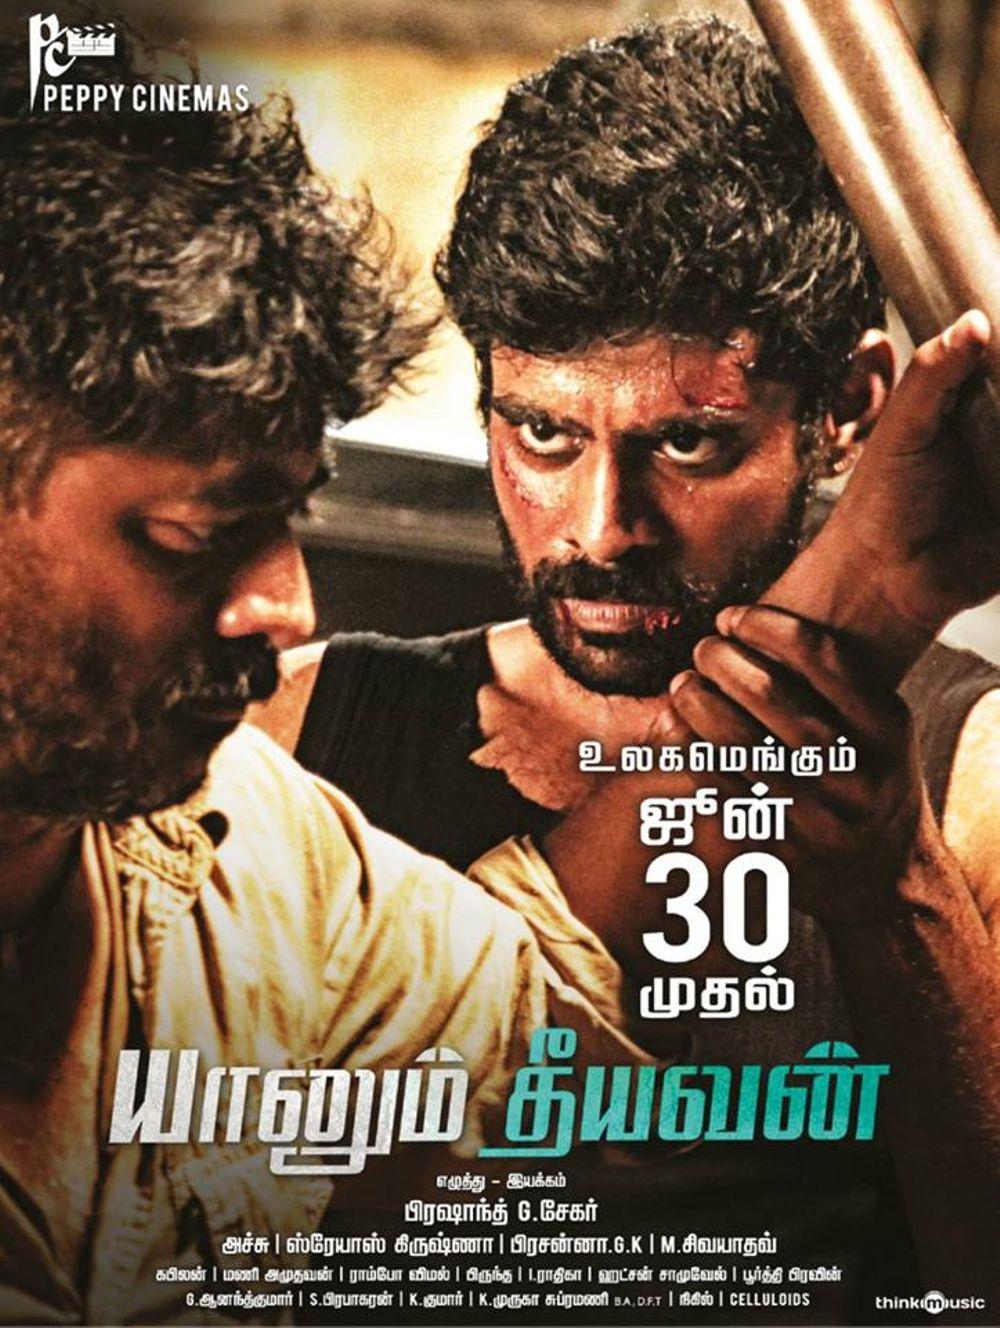 Yaanum Theeyavan Movie Review